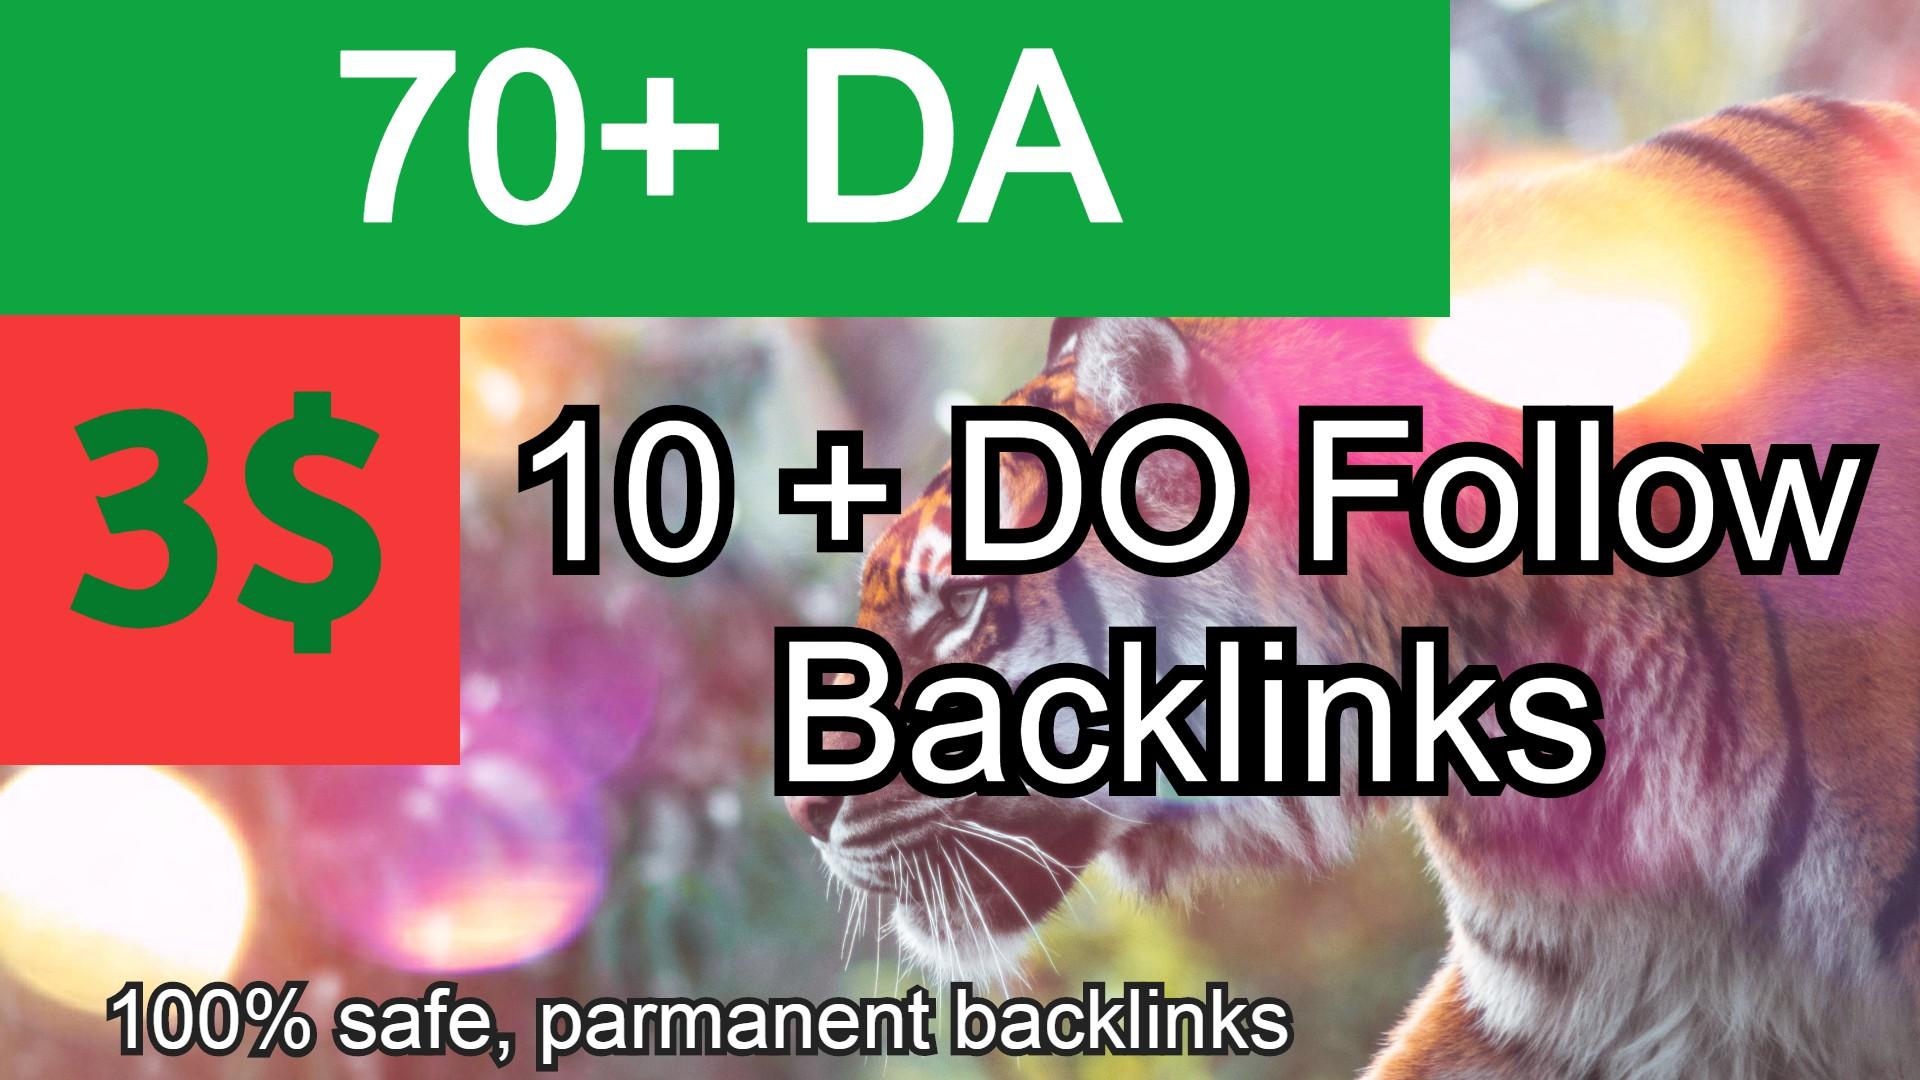 70+ DA 10+ Dofollow highpowerful TIGER Power Backlinks. GET IT NOW